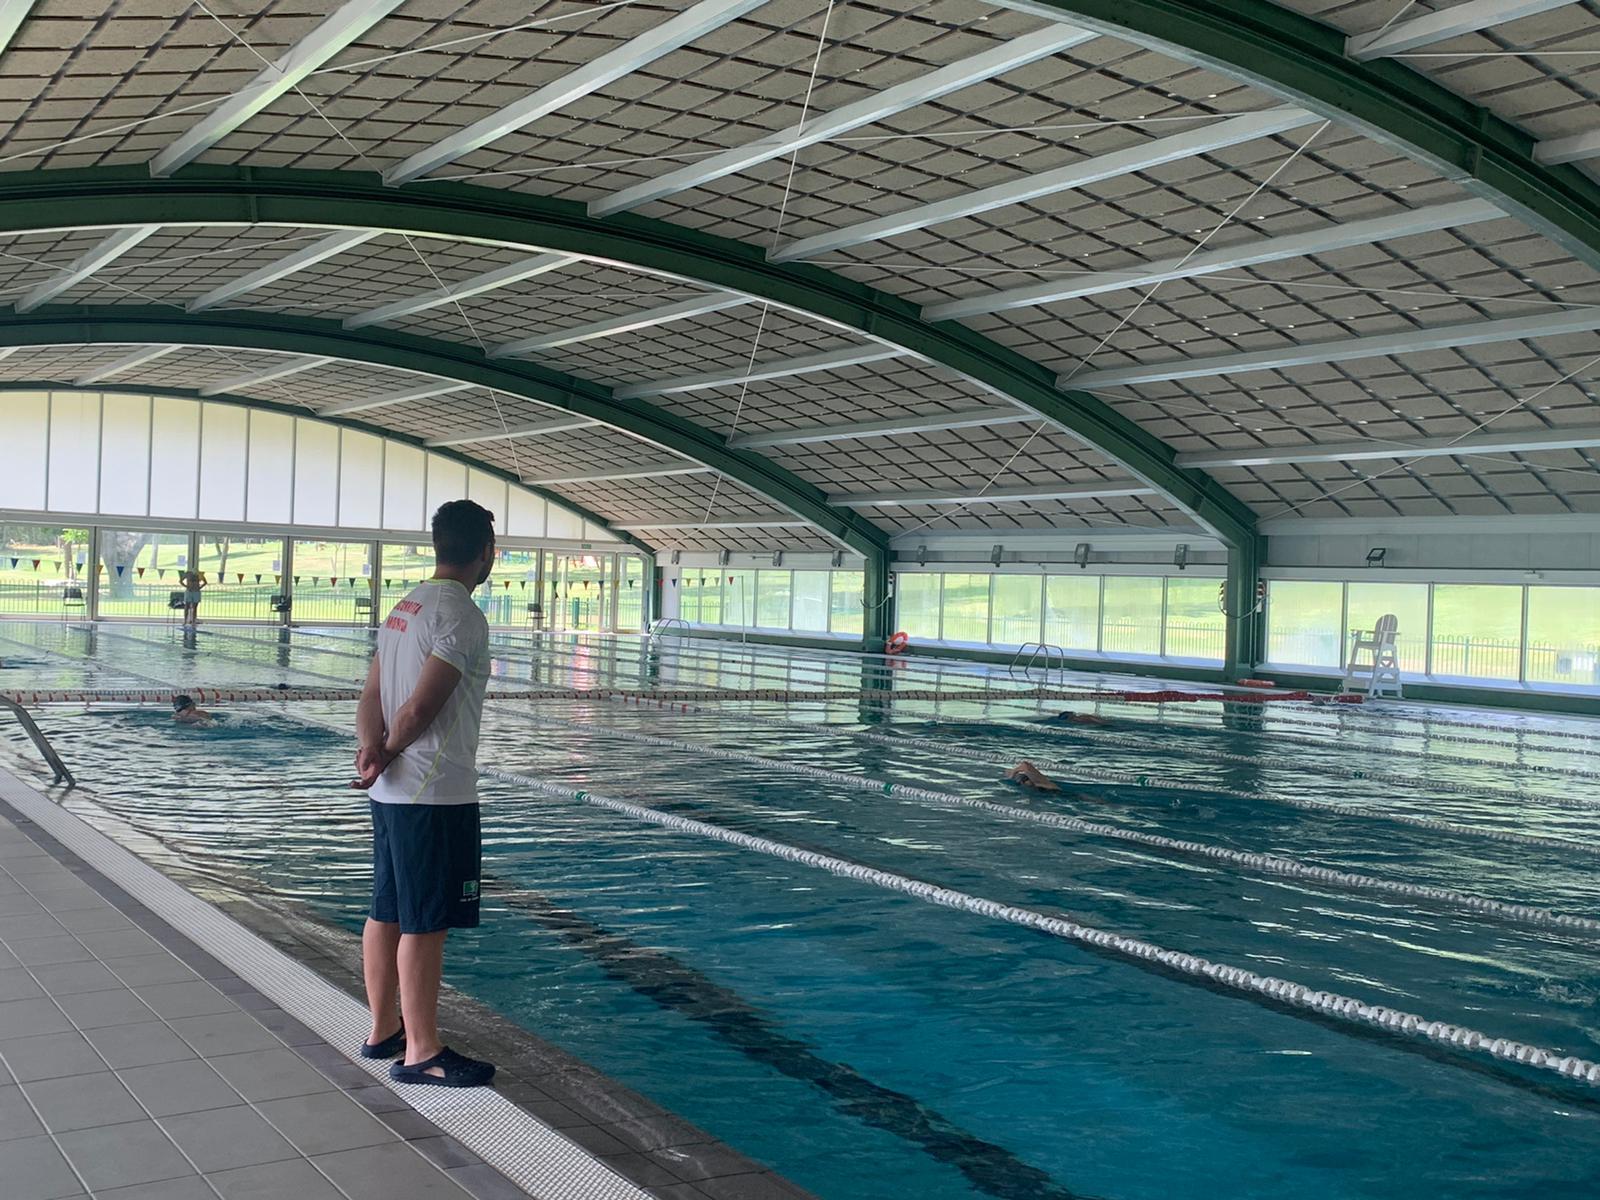 Un socorrista vigila el nado de unos abonados en la piscina cubierta.